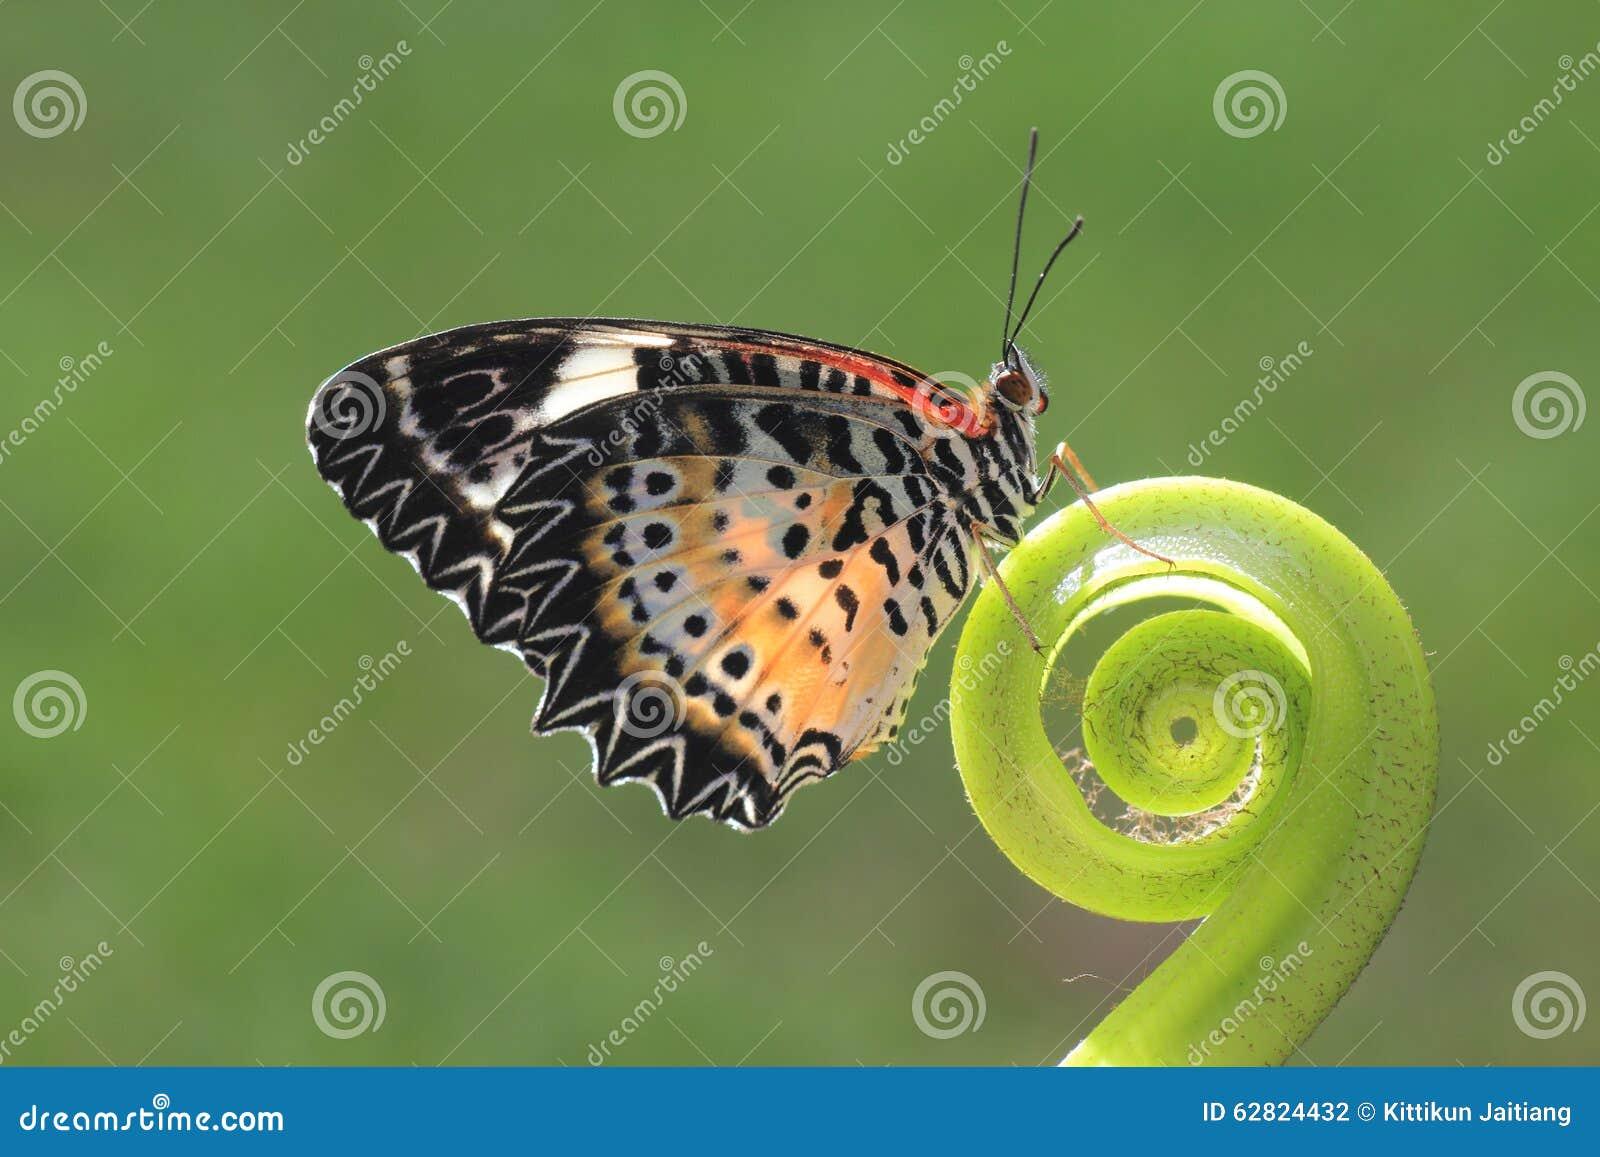 Ein Schmetterling auf dem grünen Blatt